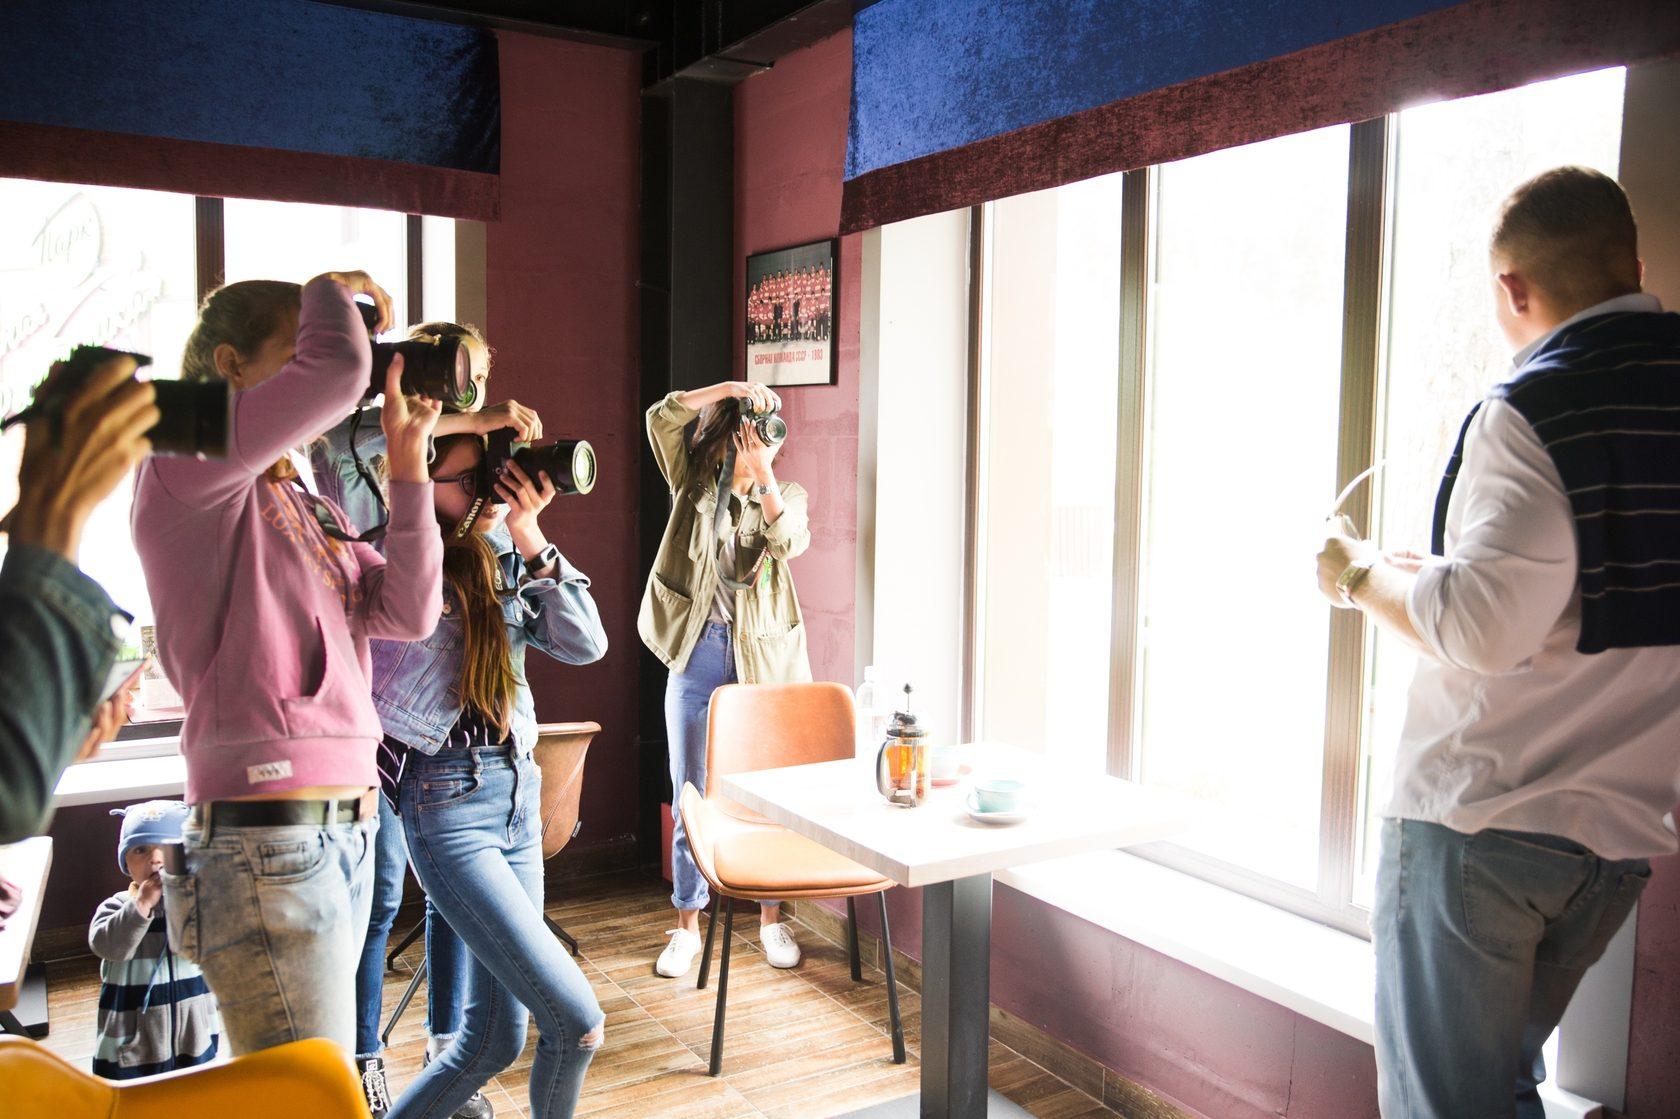 бандерас курсы для фотографов петербург видела столь чудных